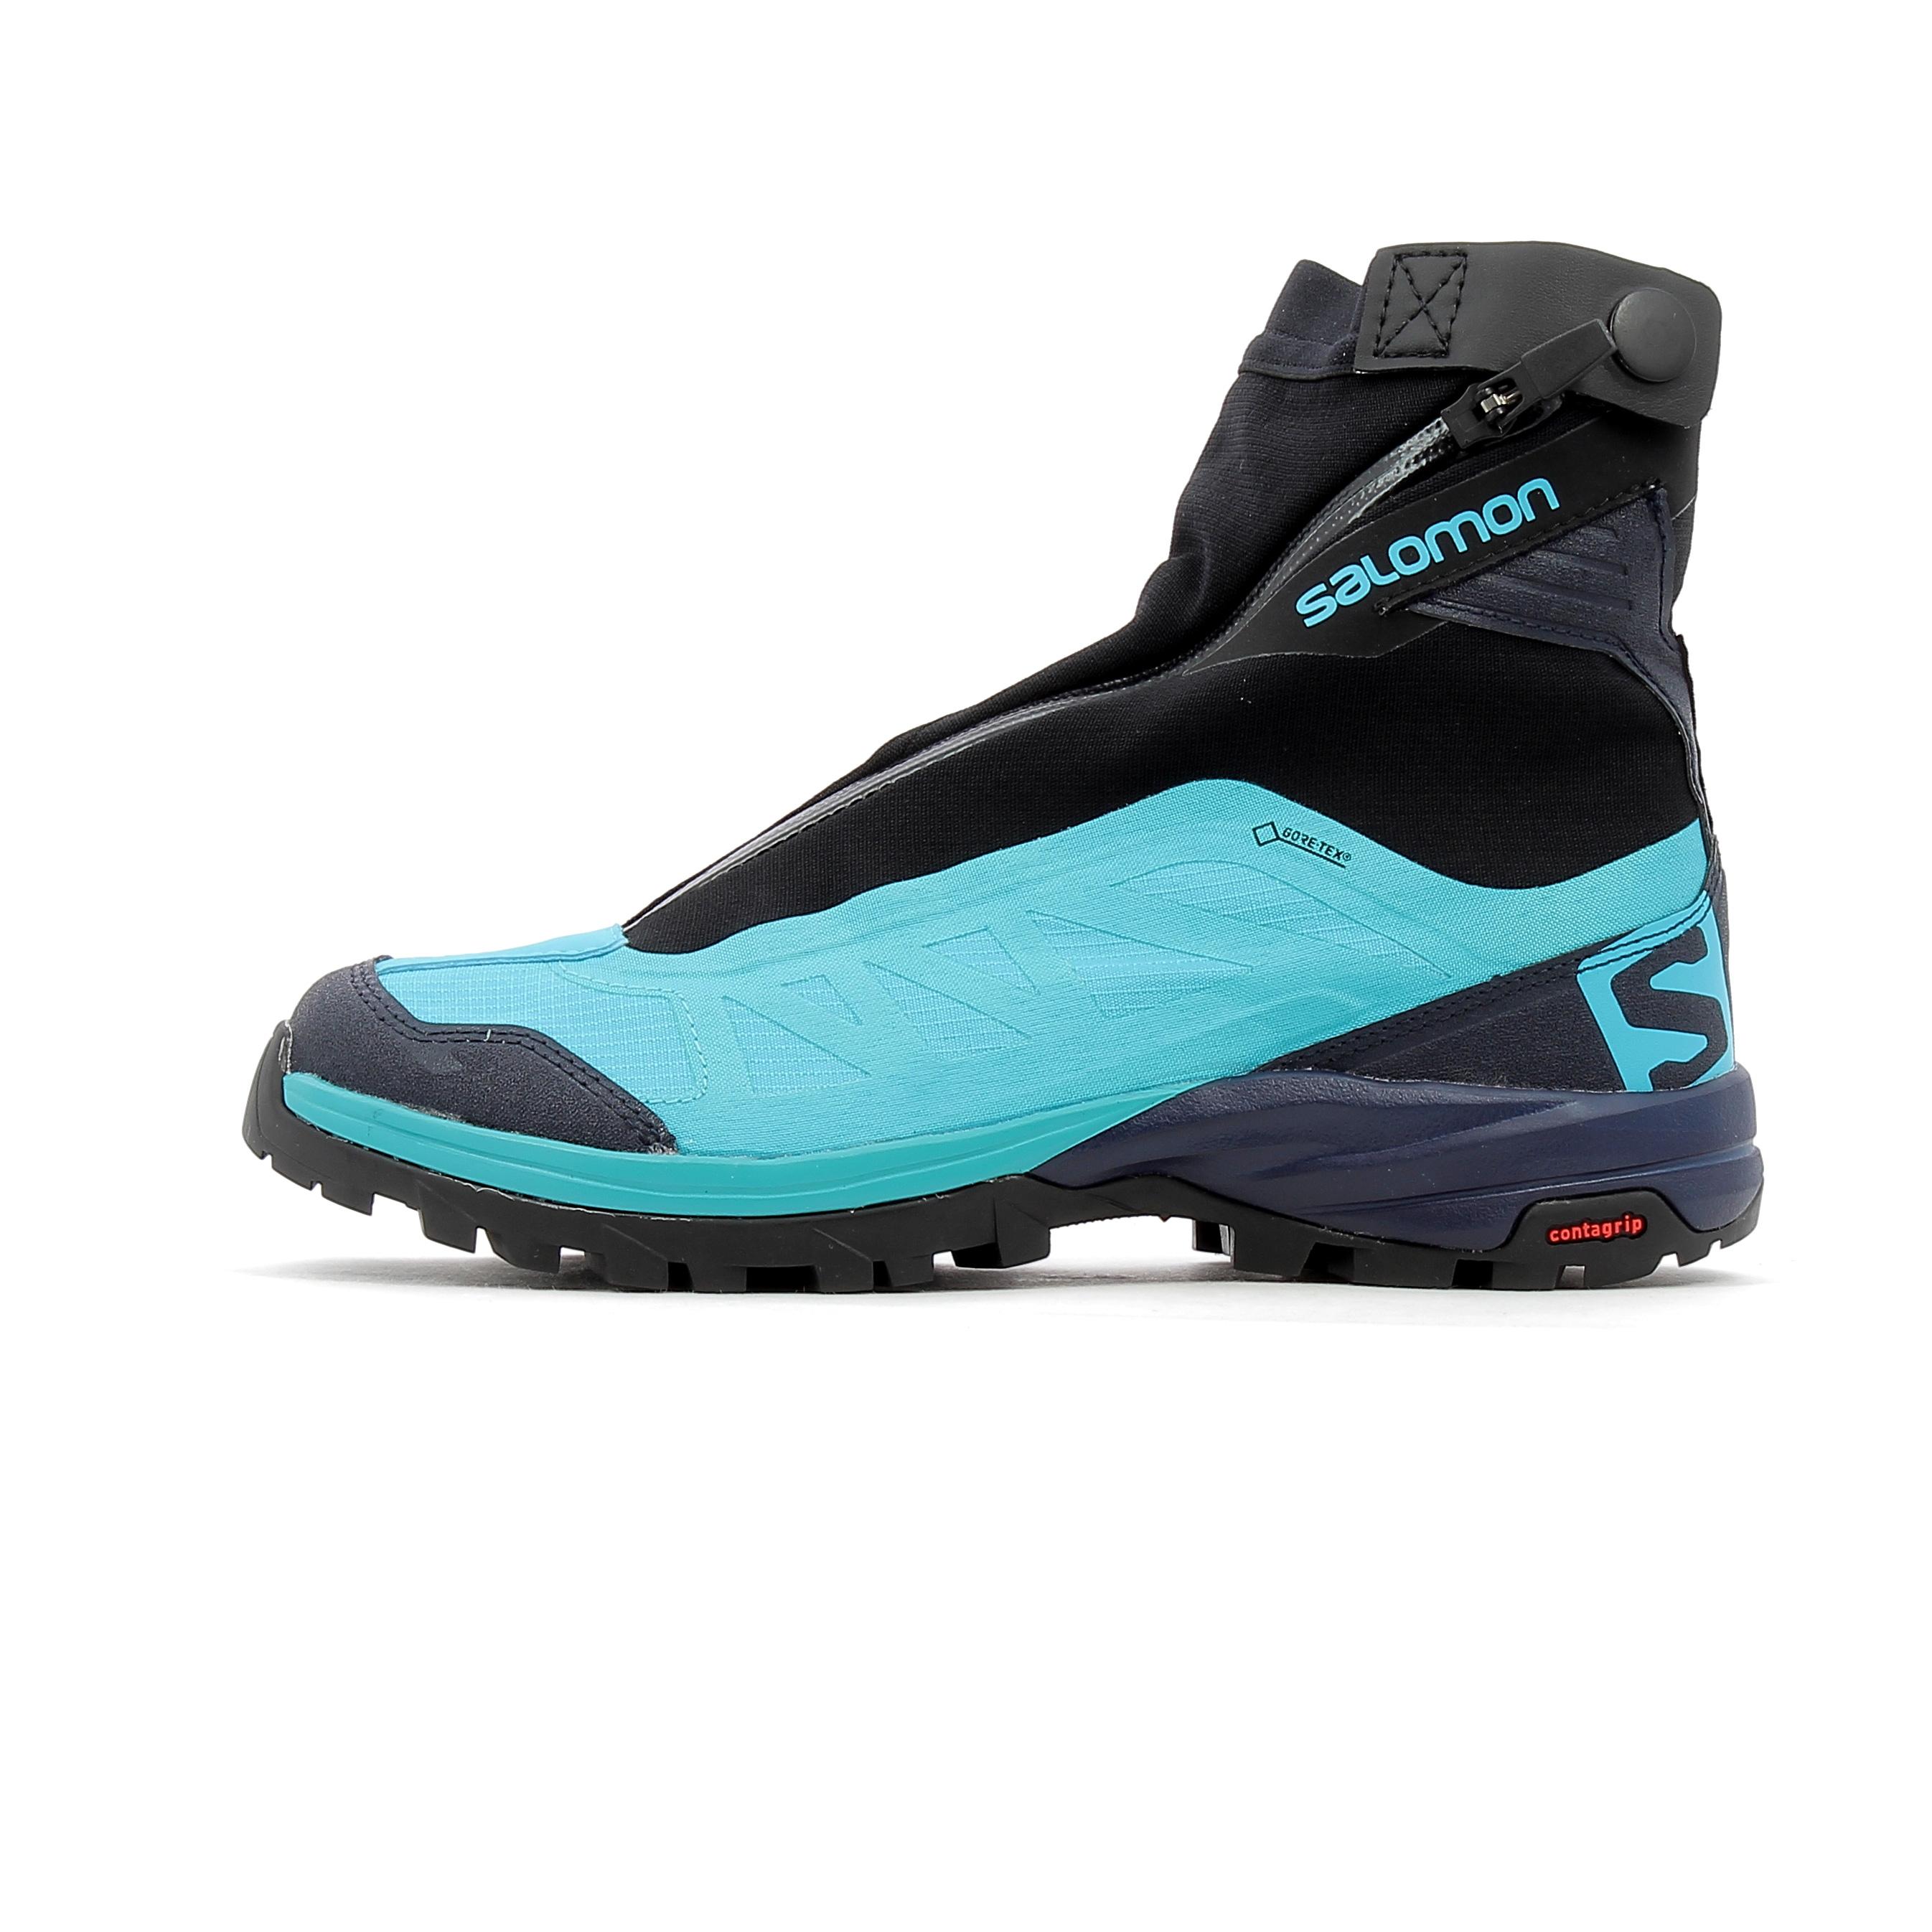 dcf0d000ca Chaussures de randonnée Salomon Outpath Pro GTX W